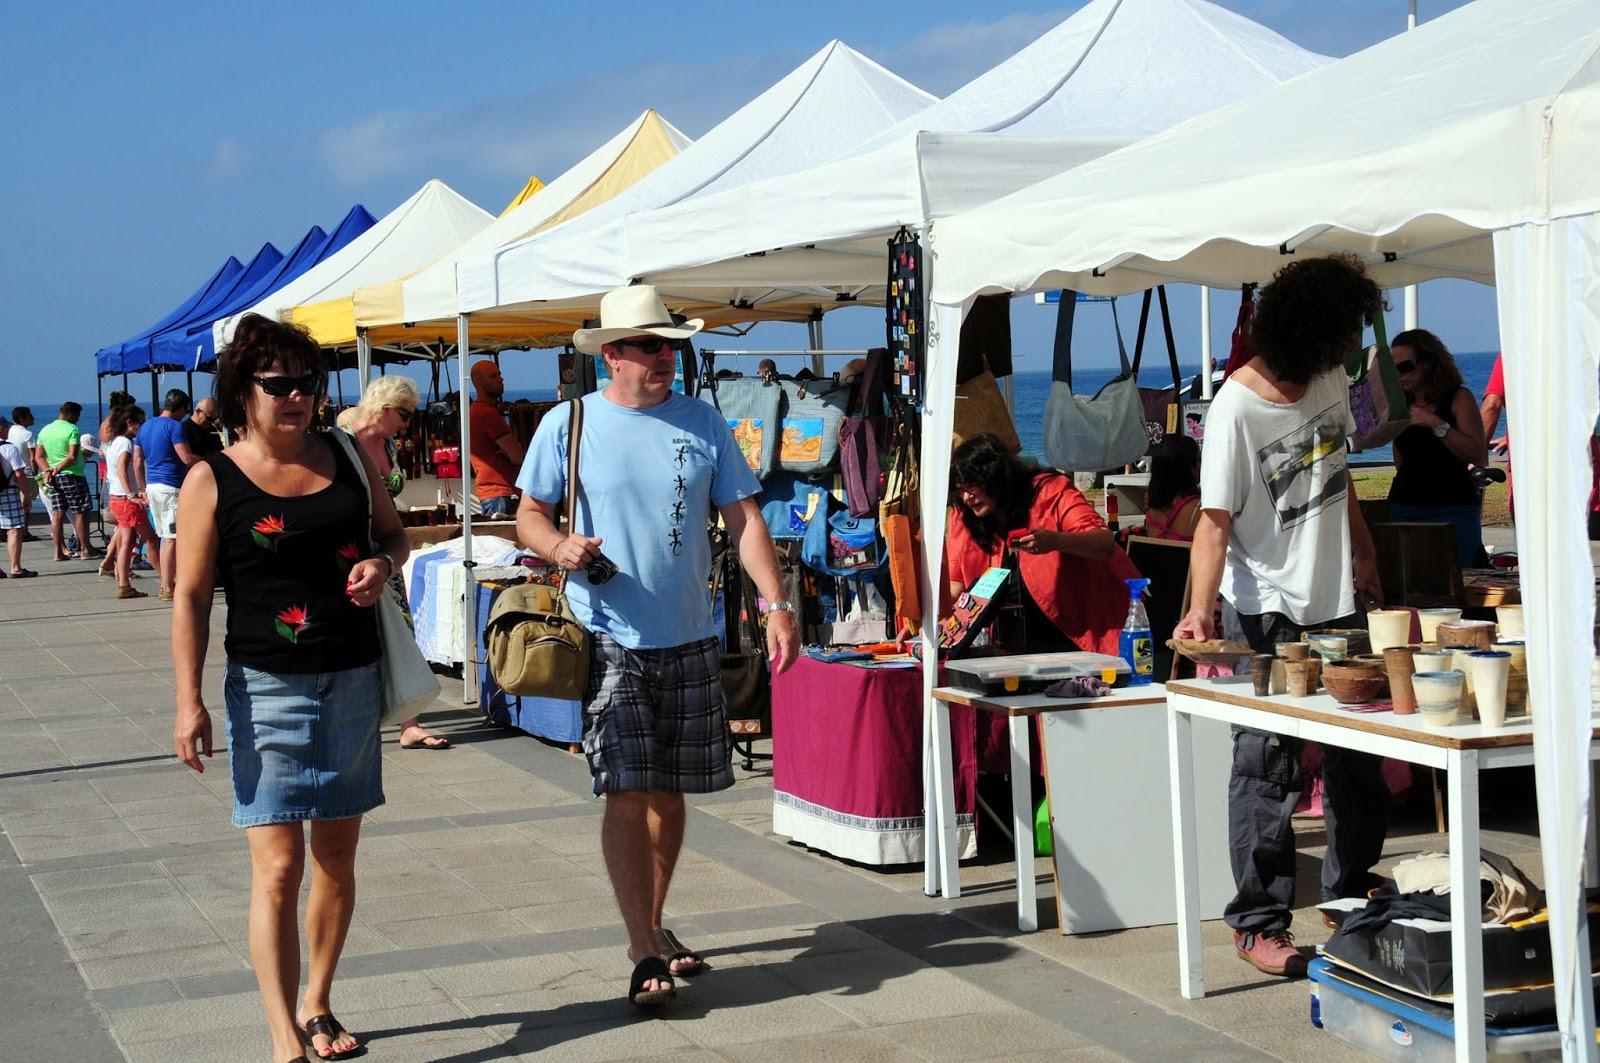 Feria de Artesanía del Faro de Maspalomas. Gran Canaria